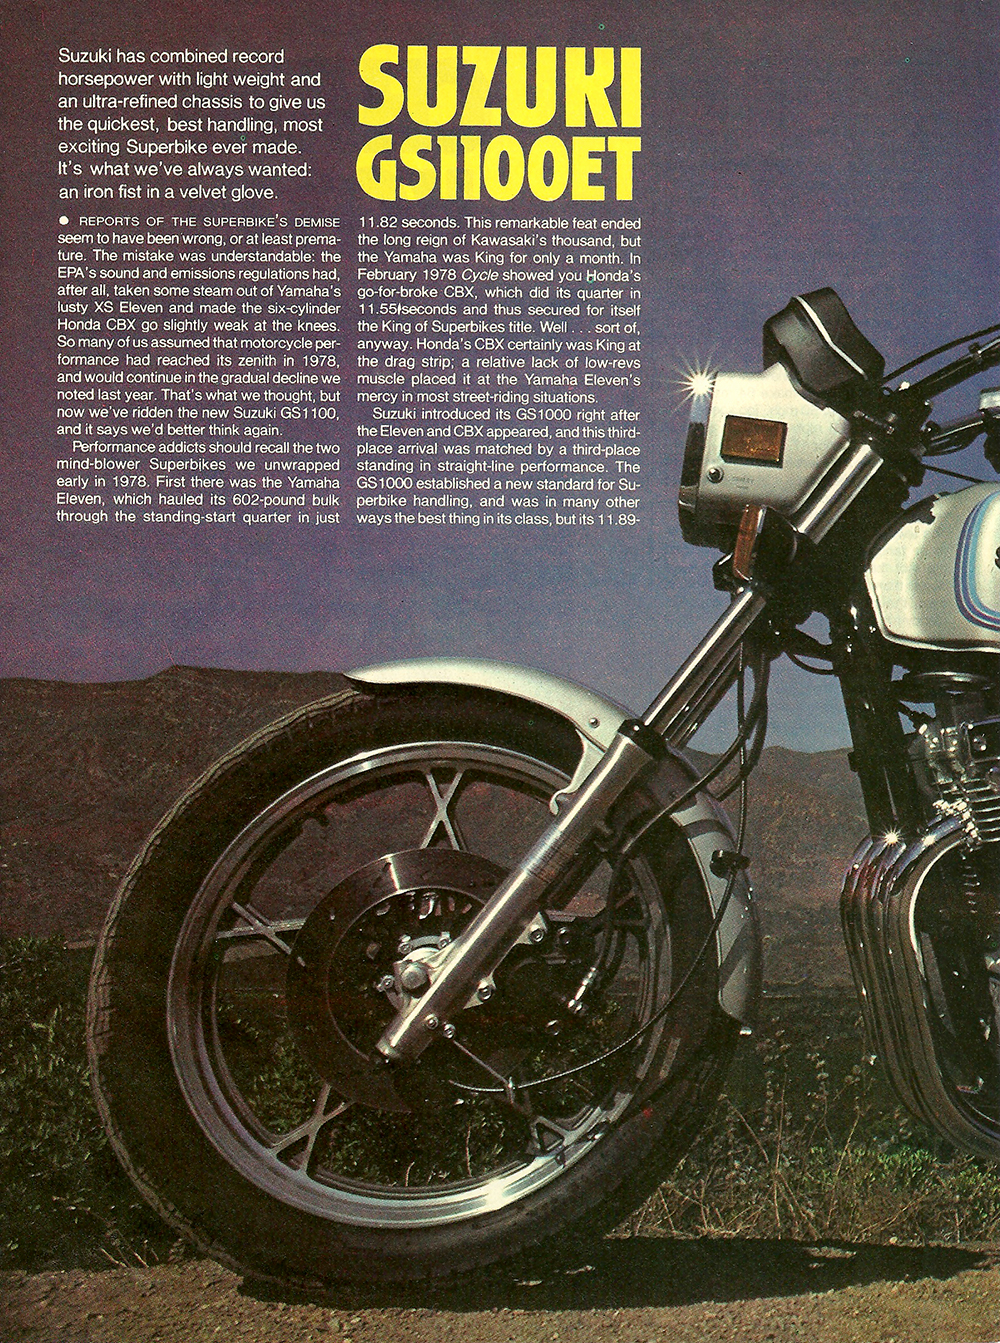 1980 Suzuki GS1100 ET road test 01.jpg